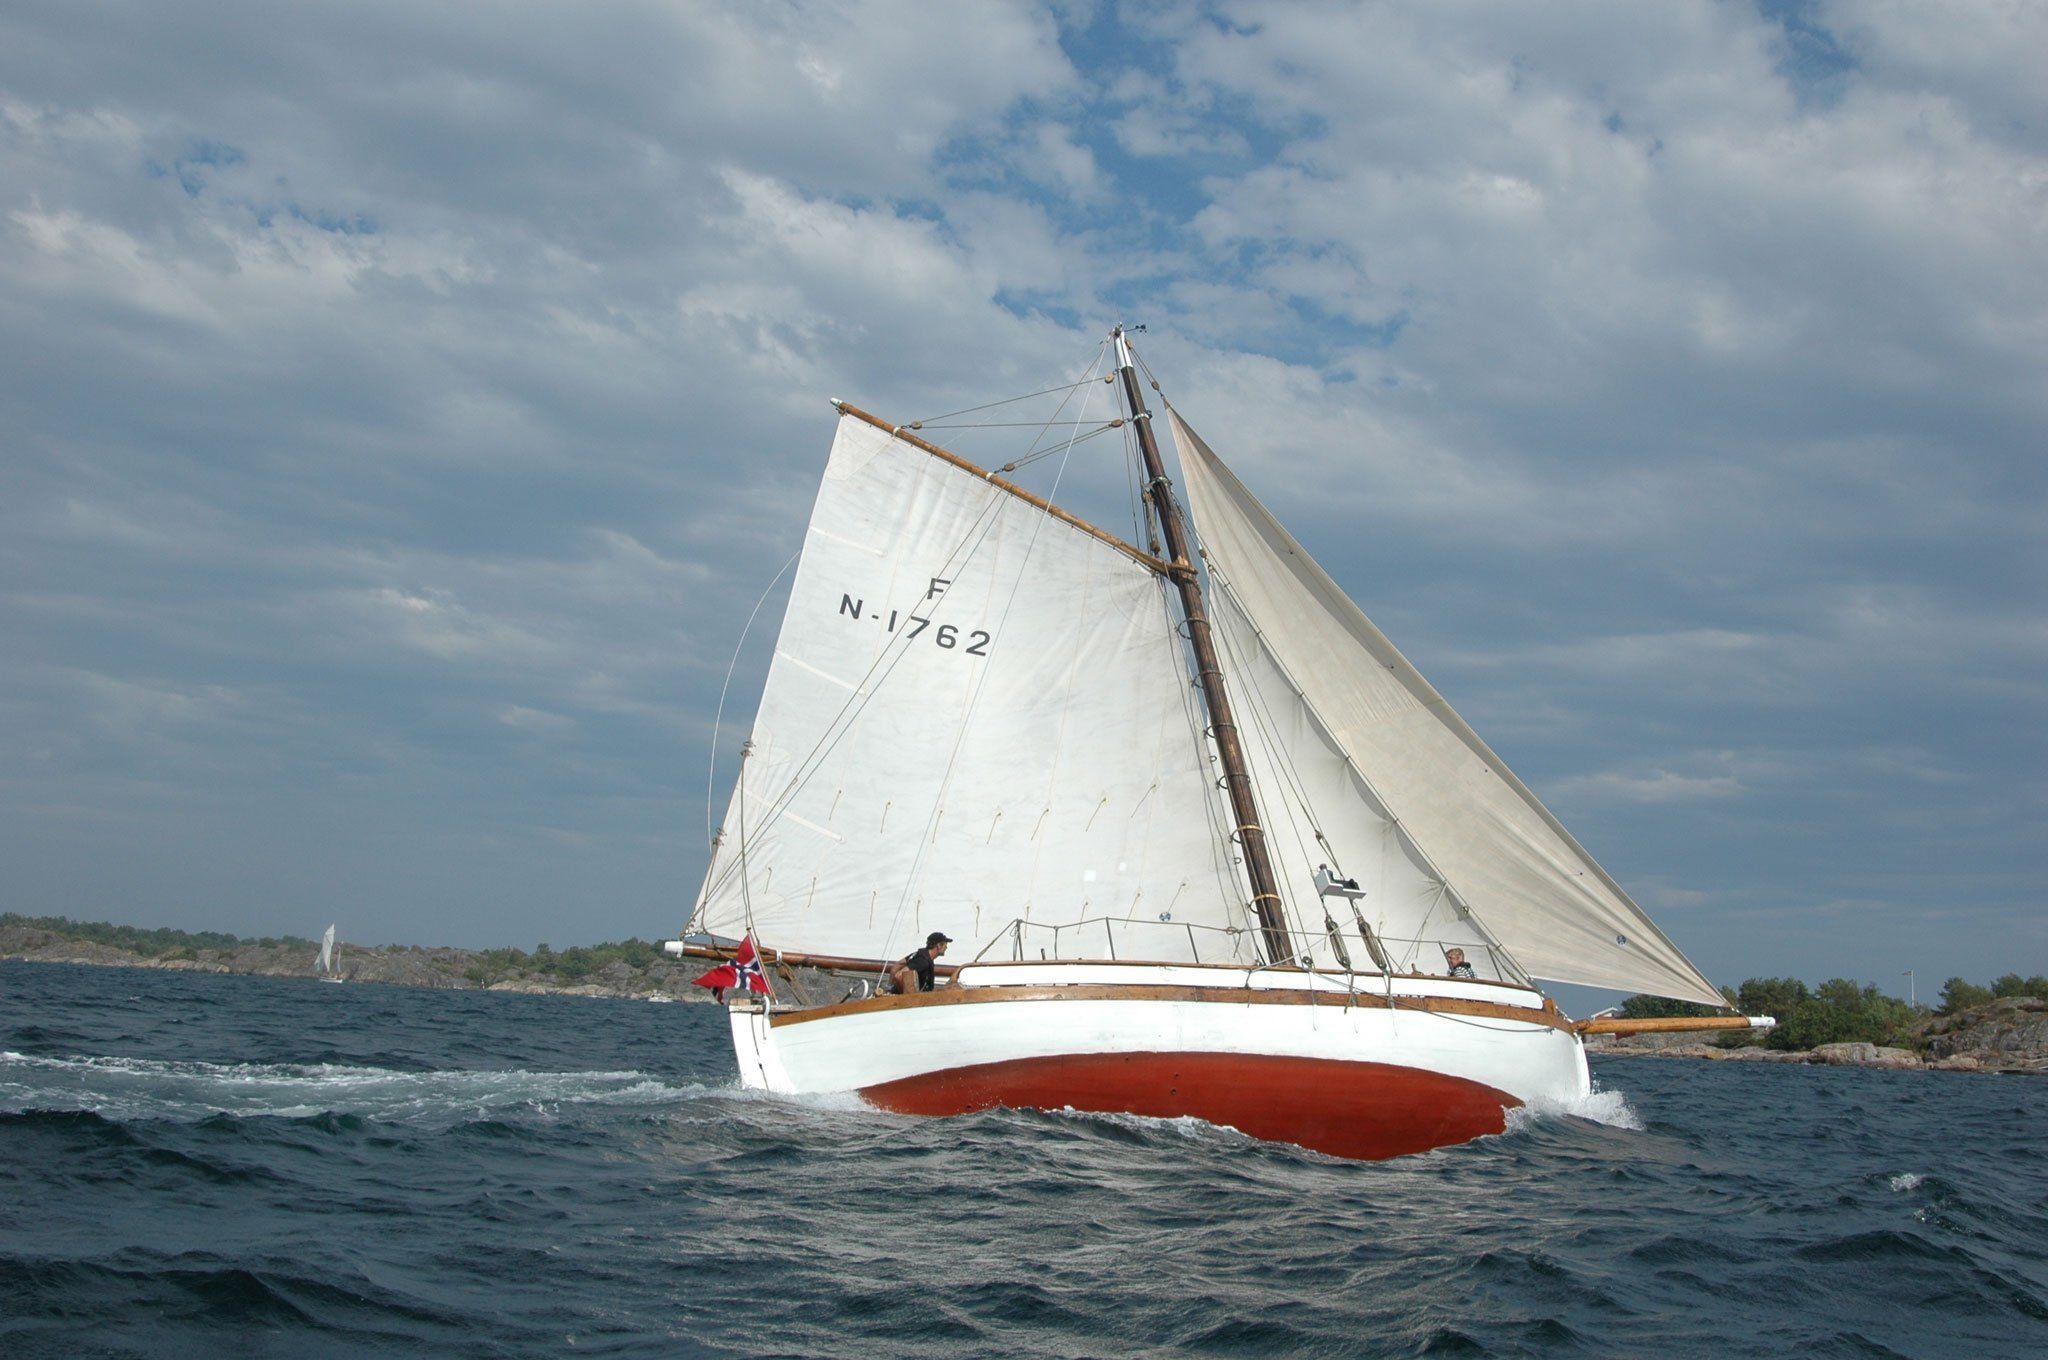 Aust-Agder Blad - Skøyteregatta 2013